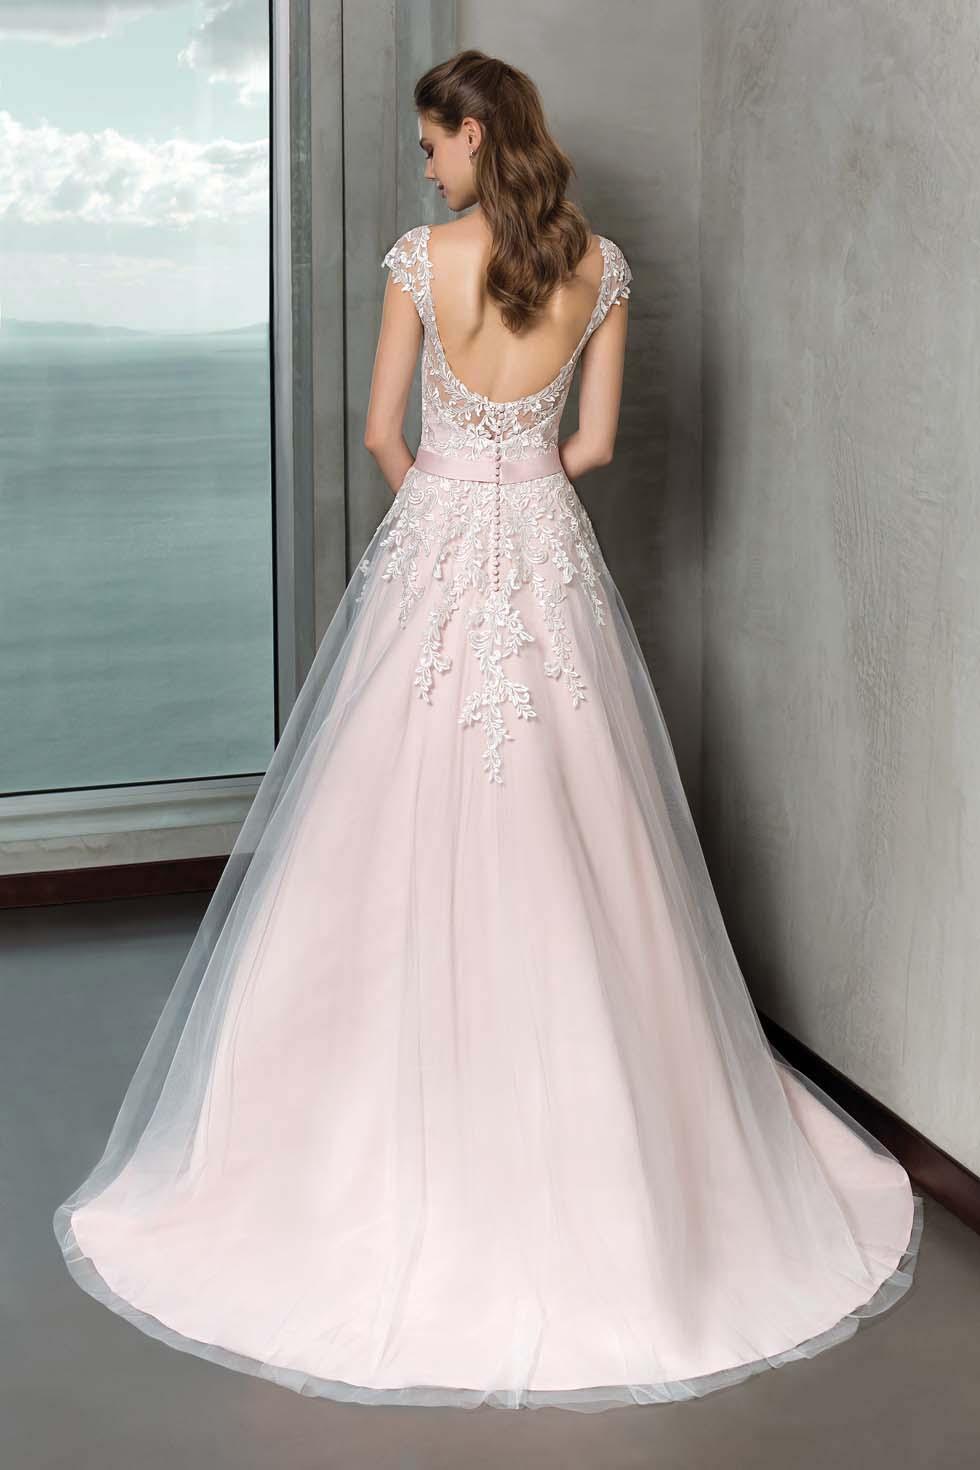 Brautkleid-Farbe: So wählt ihr die perfekte Farbnuance für euren Teint